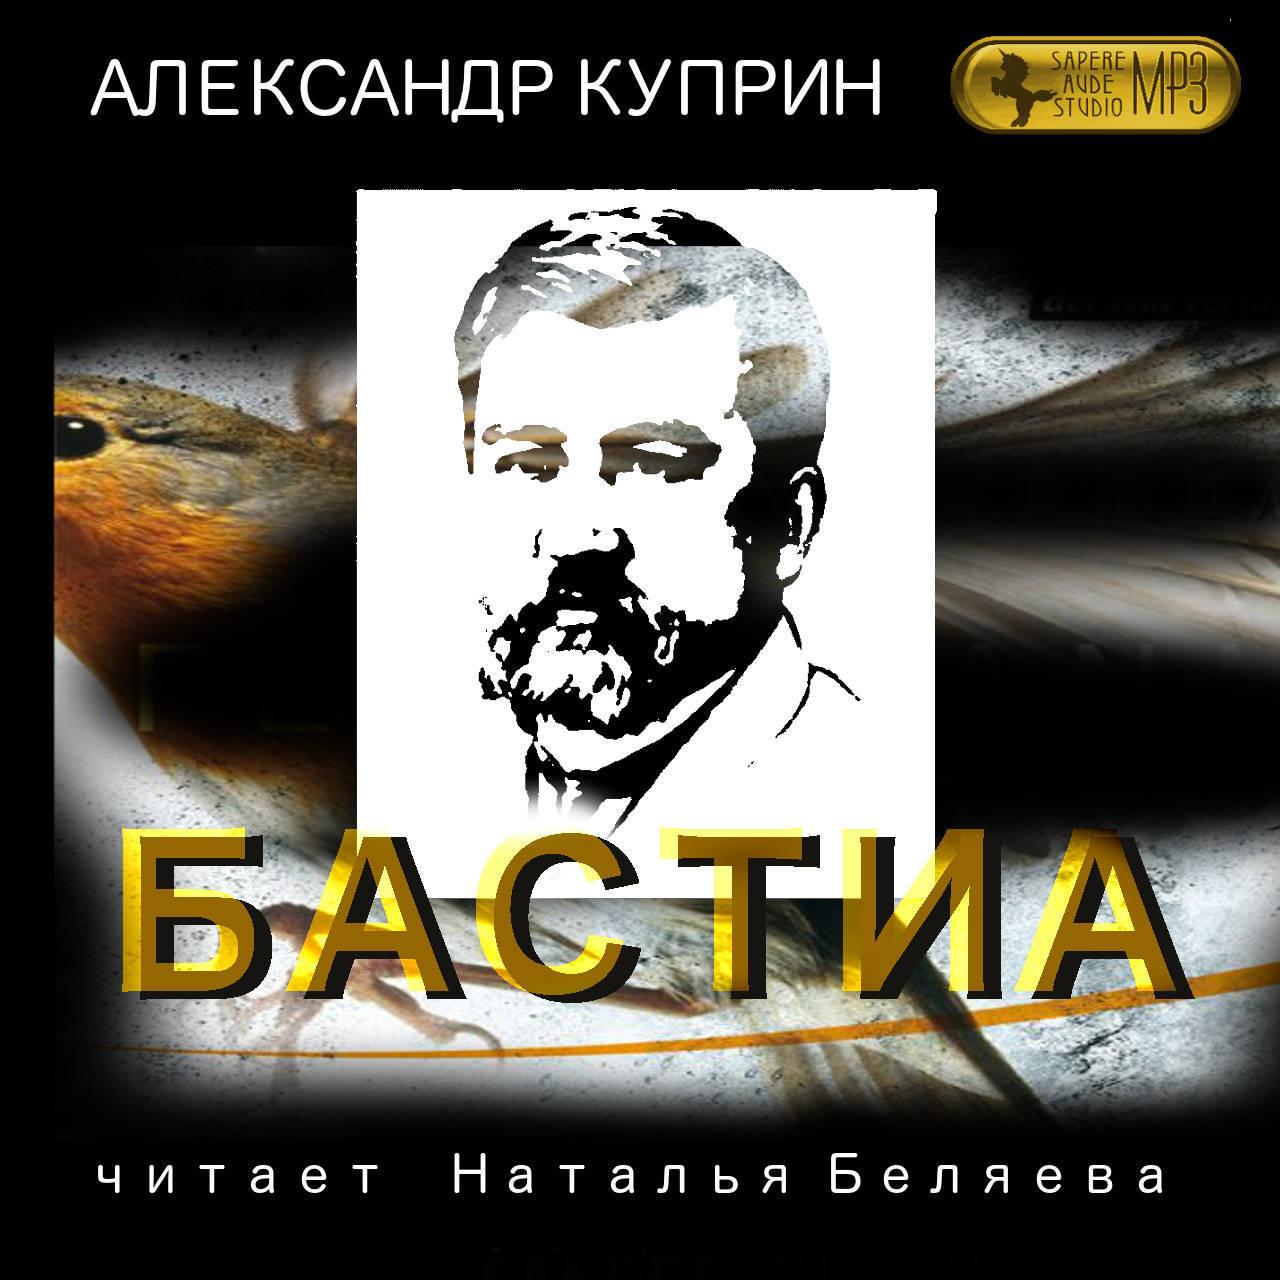 Александр Куприн Бастиа